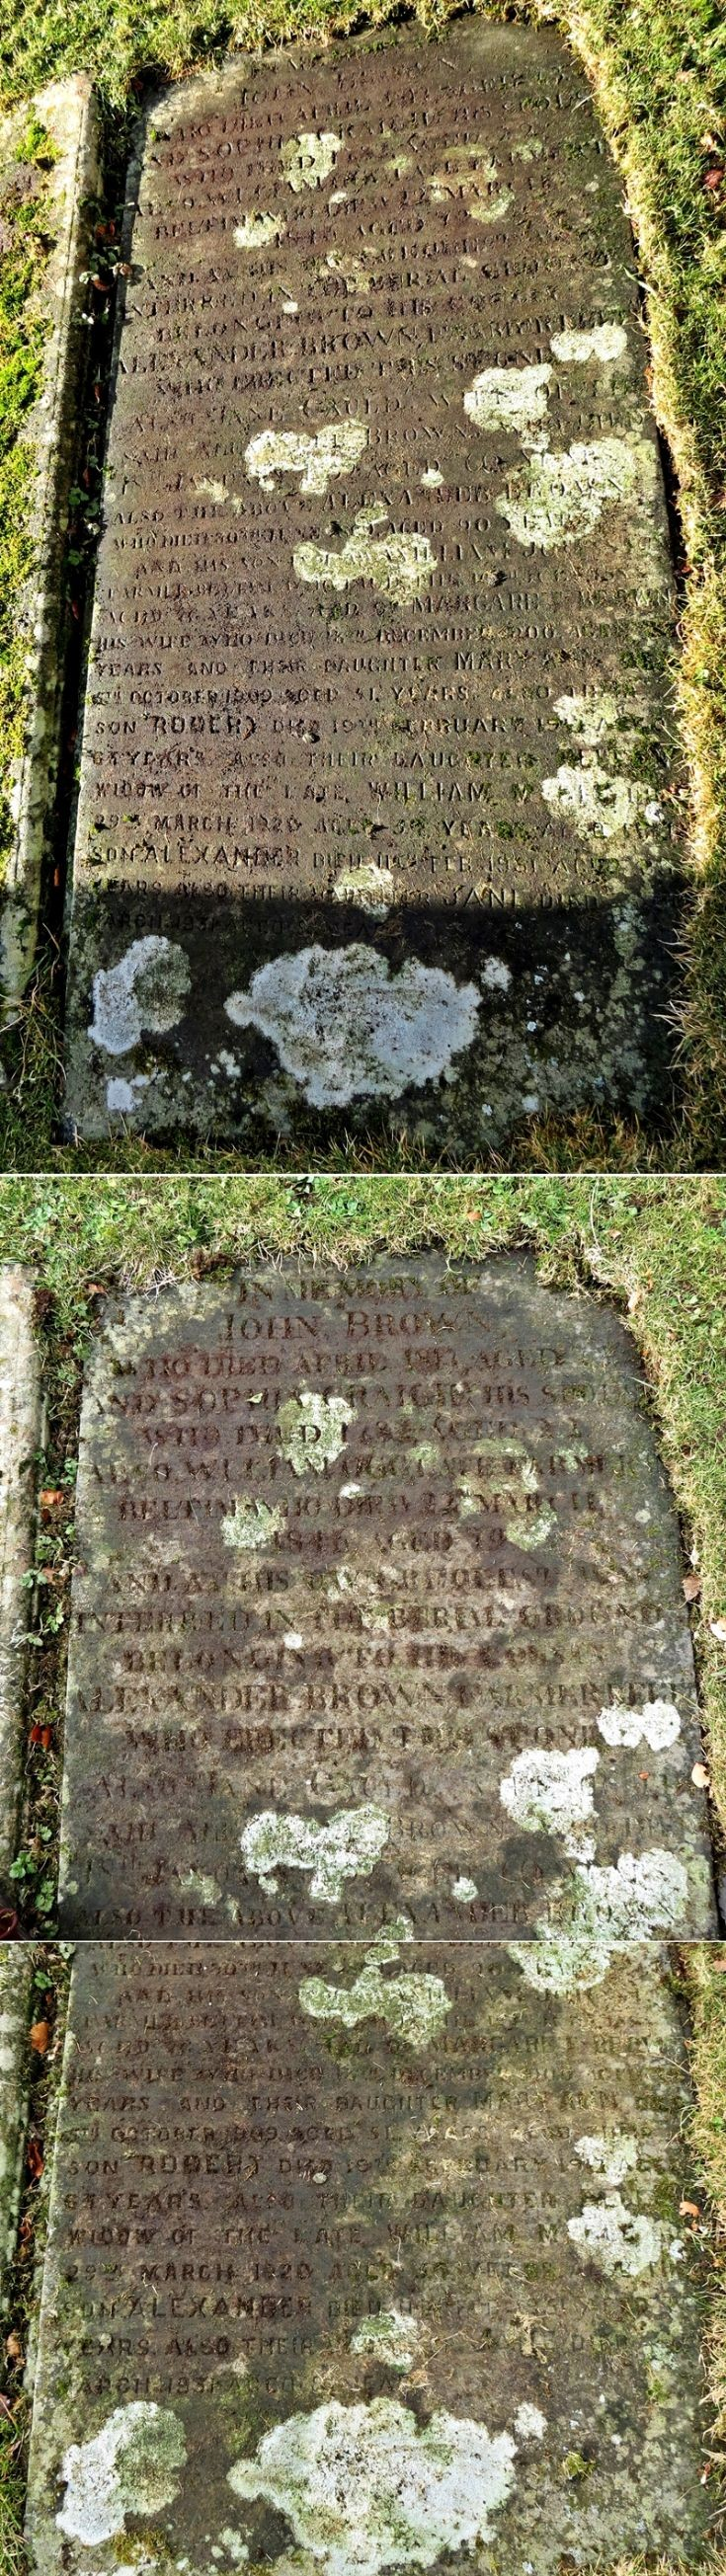 158 Grave Stone No 85 - John Brown